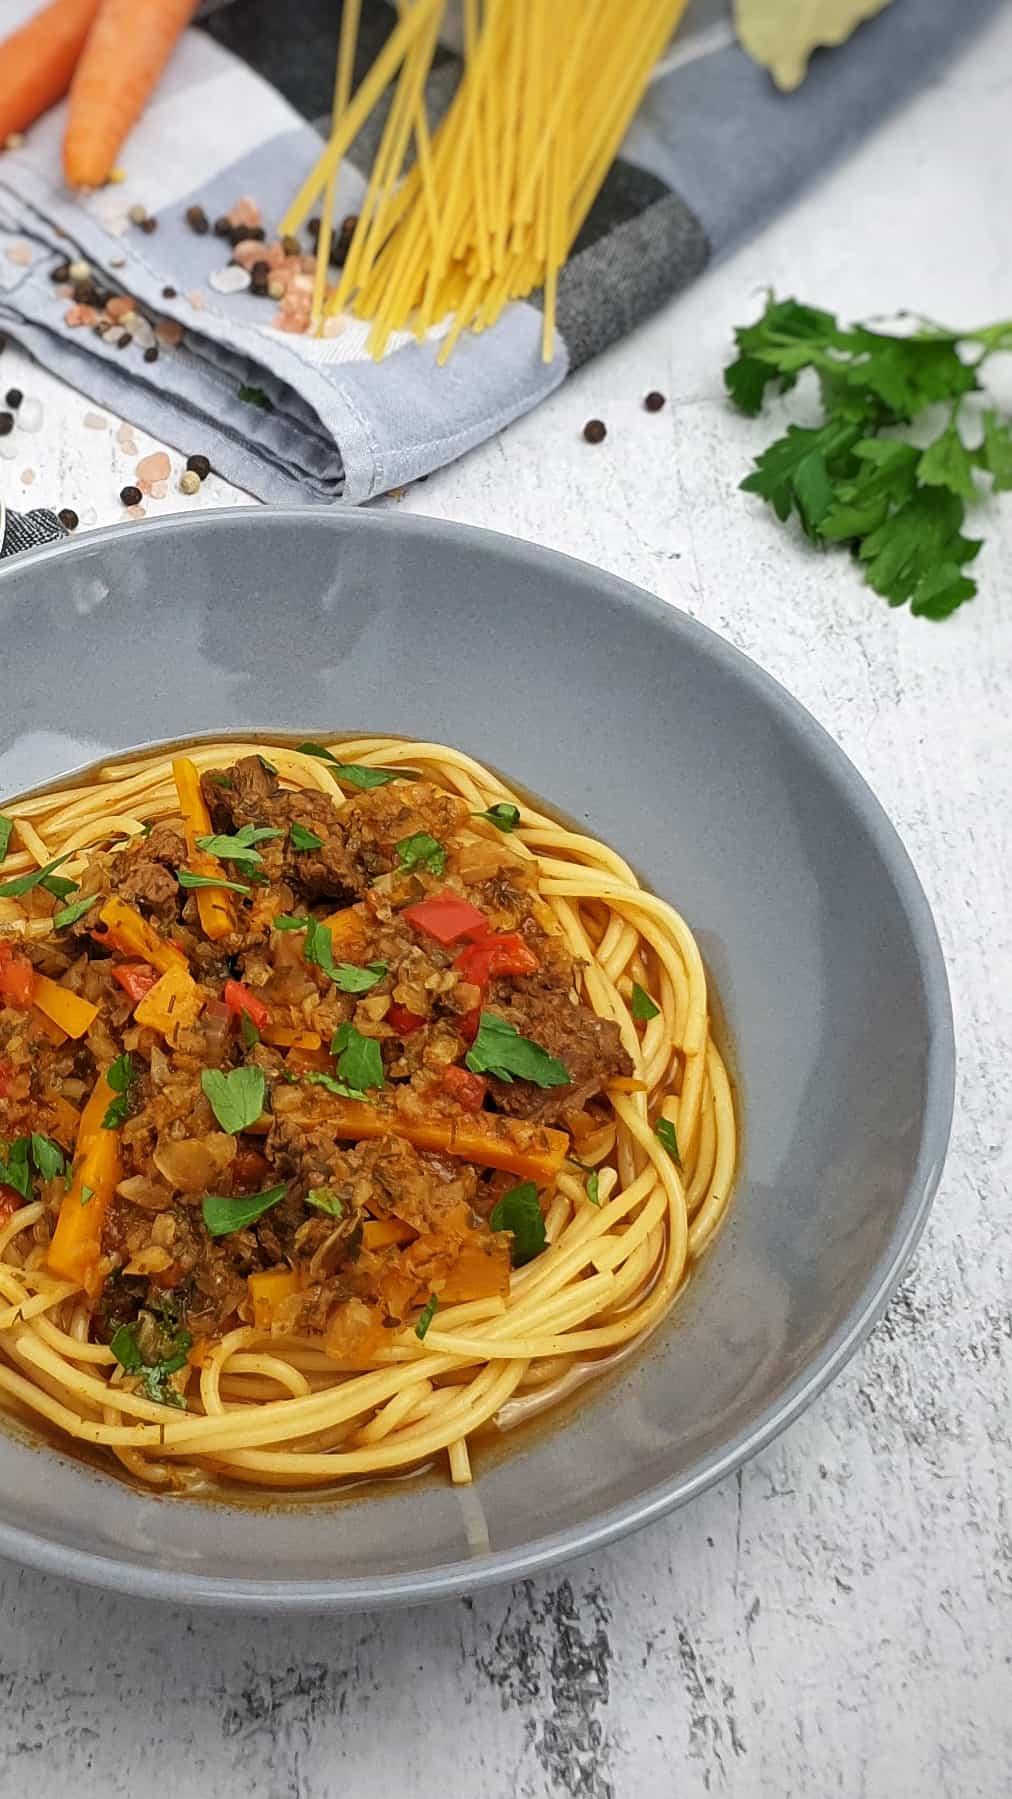 In einer grauen Schale angerichtet Spaghetti mit Lagman-Suppe. Im Hintergrund Deko.